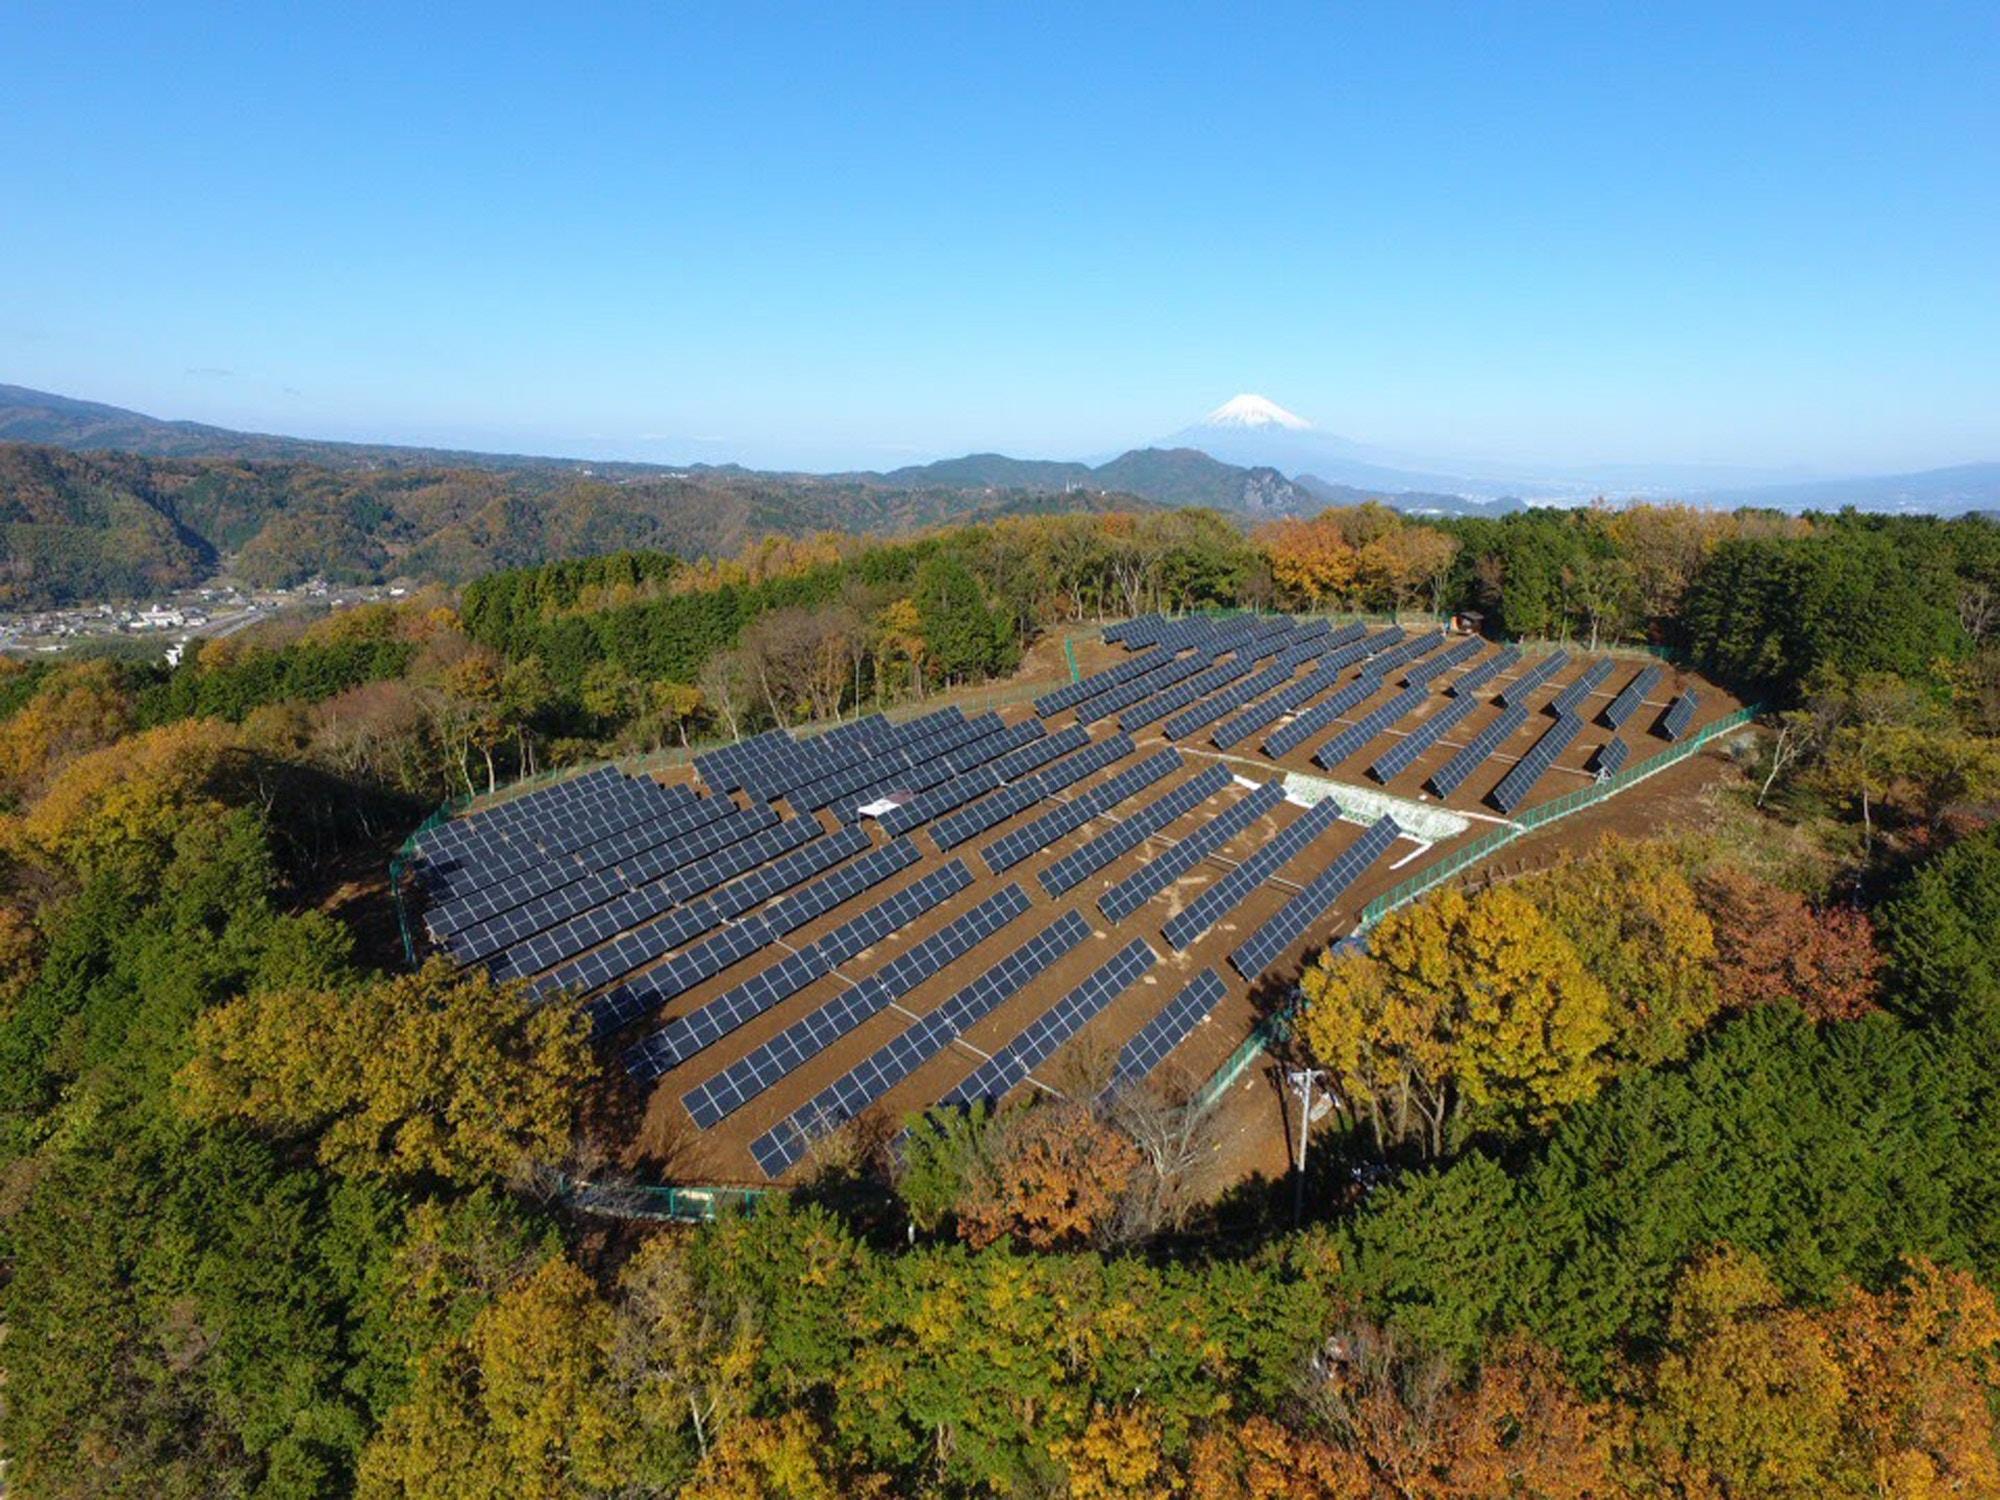 Solar_energy_Sub-saharan-Africa